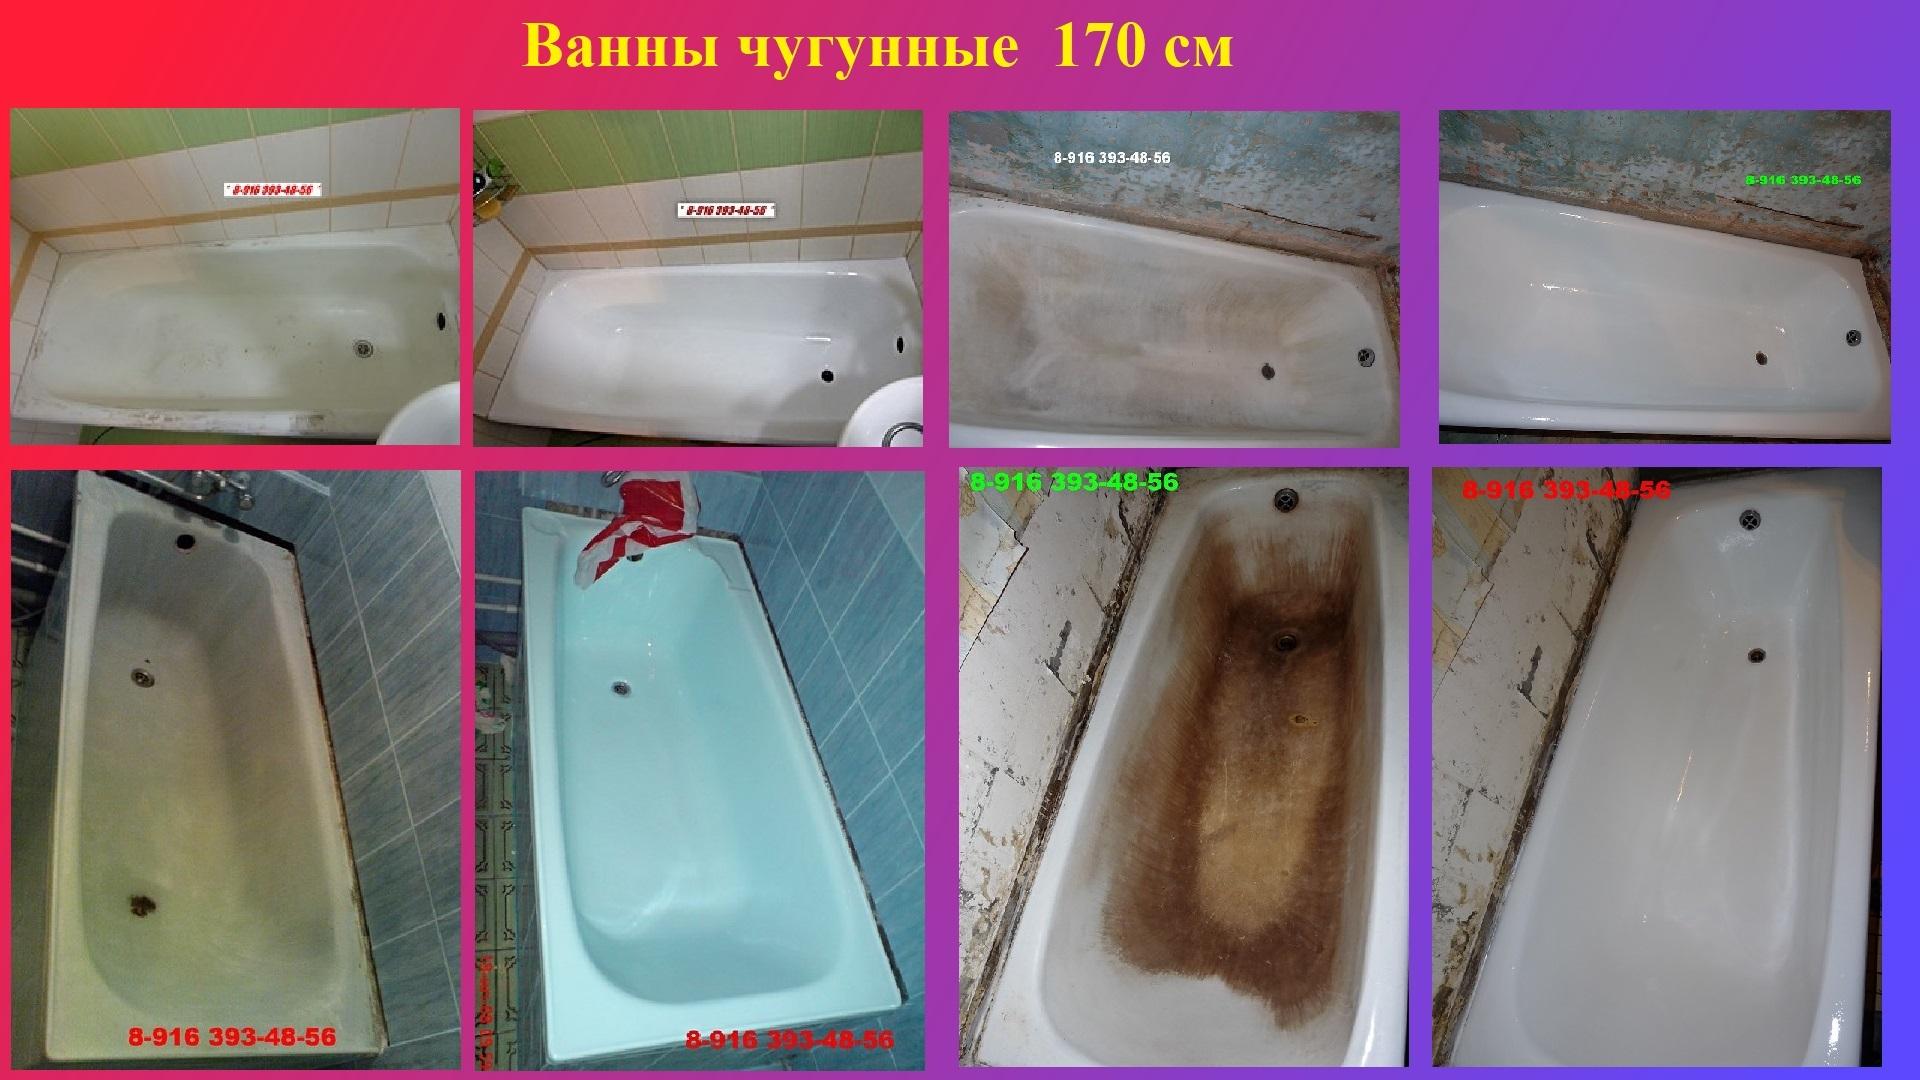 8-916 393-48-56 SUPER- Эмалировка,  реставрация ванн Москва, Подмосковье. Наливная ванна, акриловая вставка, вкладыш - Страница 6 H-52